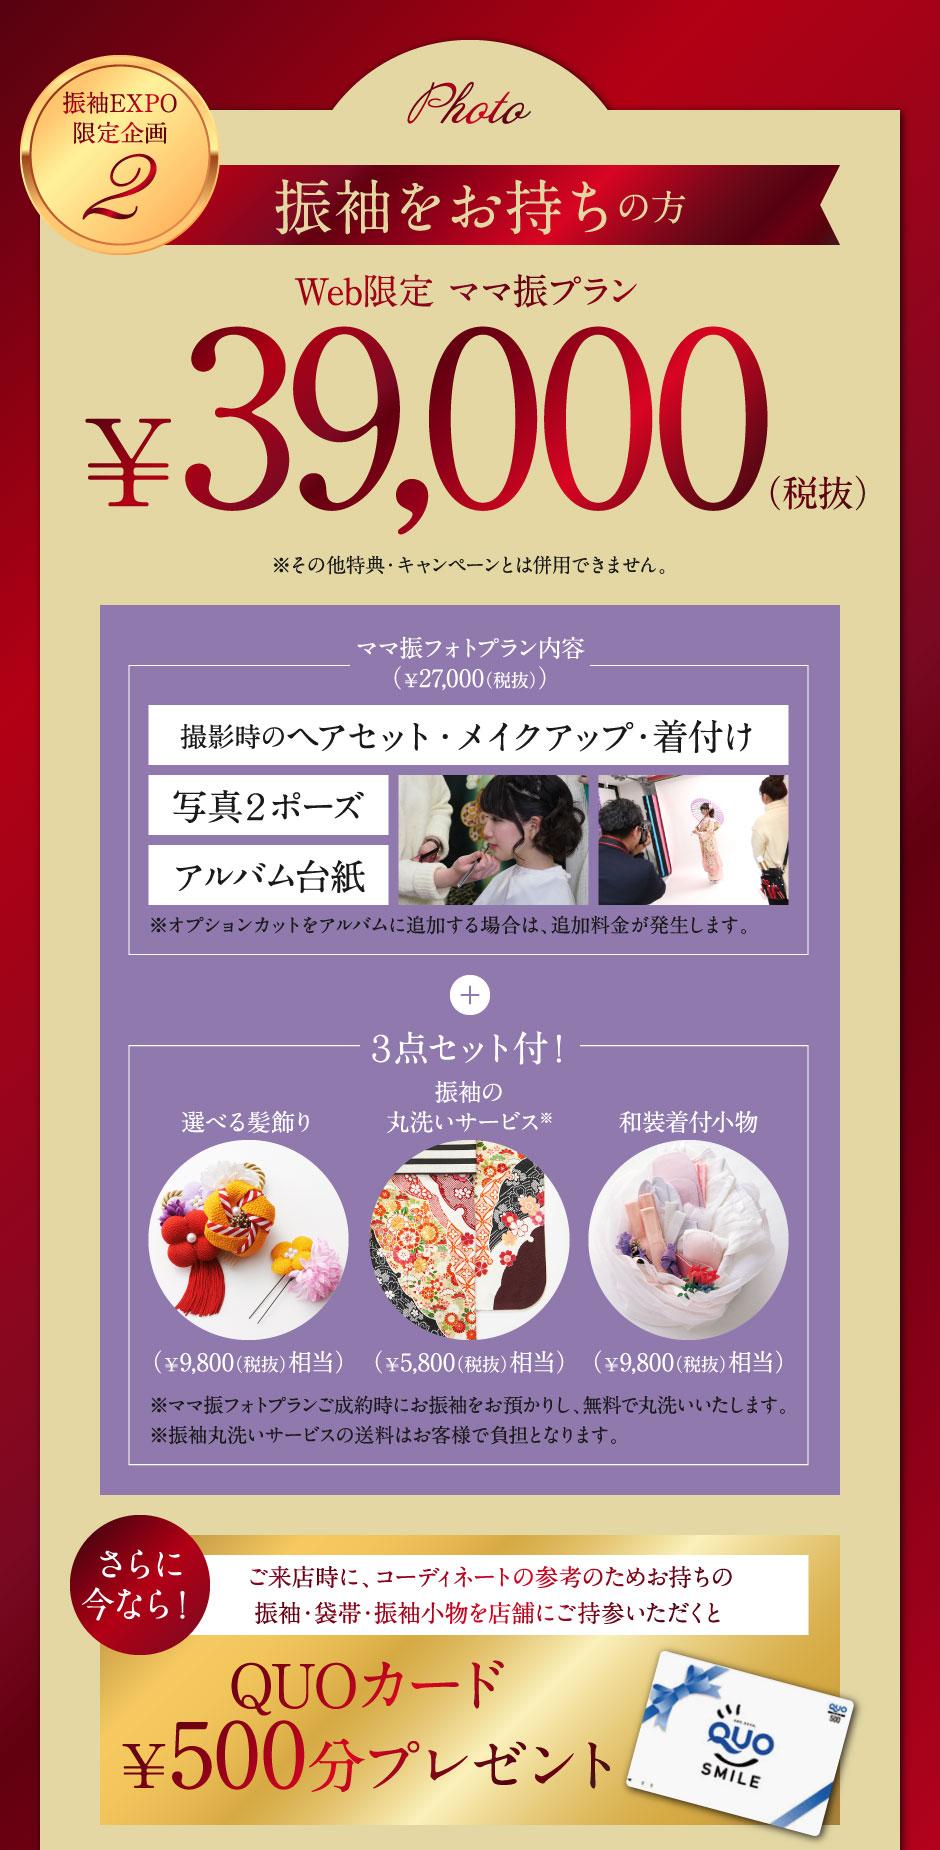 Web限定ママ振プラン¥39,000税抜